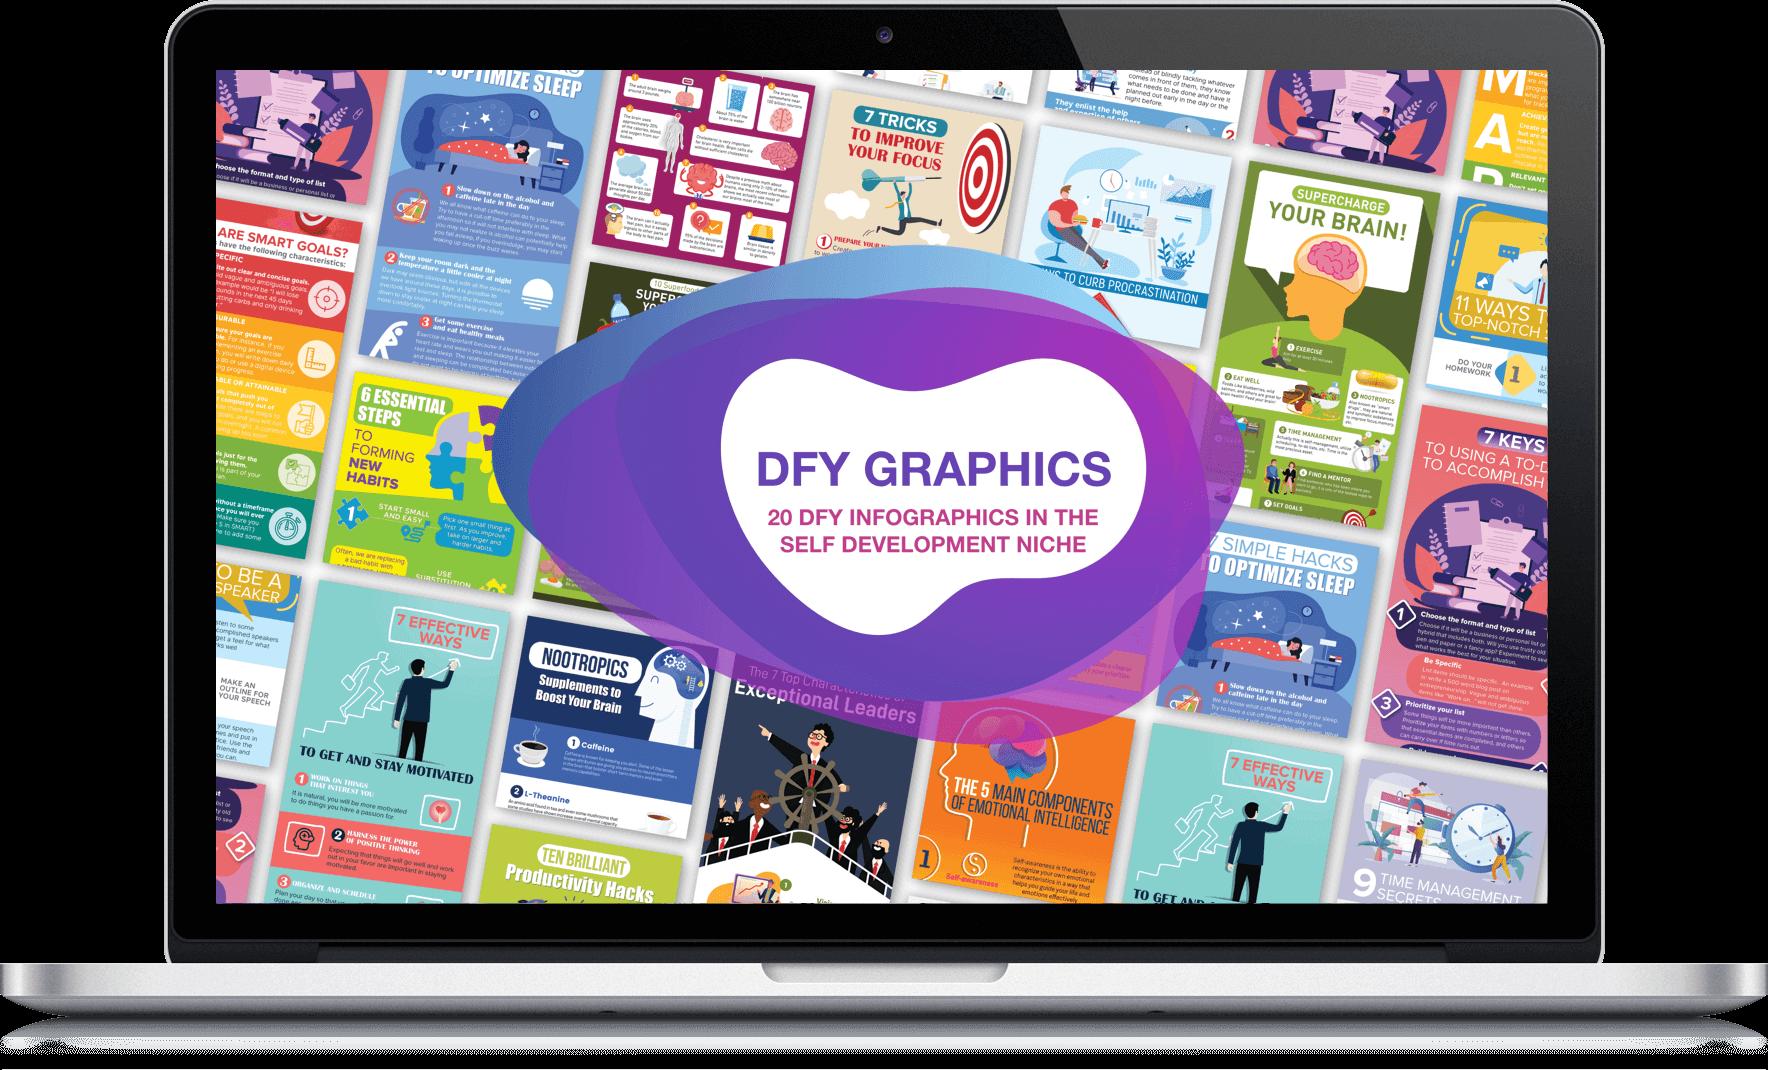 DFY-Infographics-PLR-Bundle-review